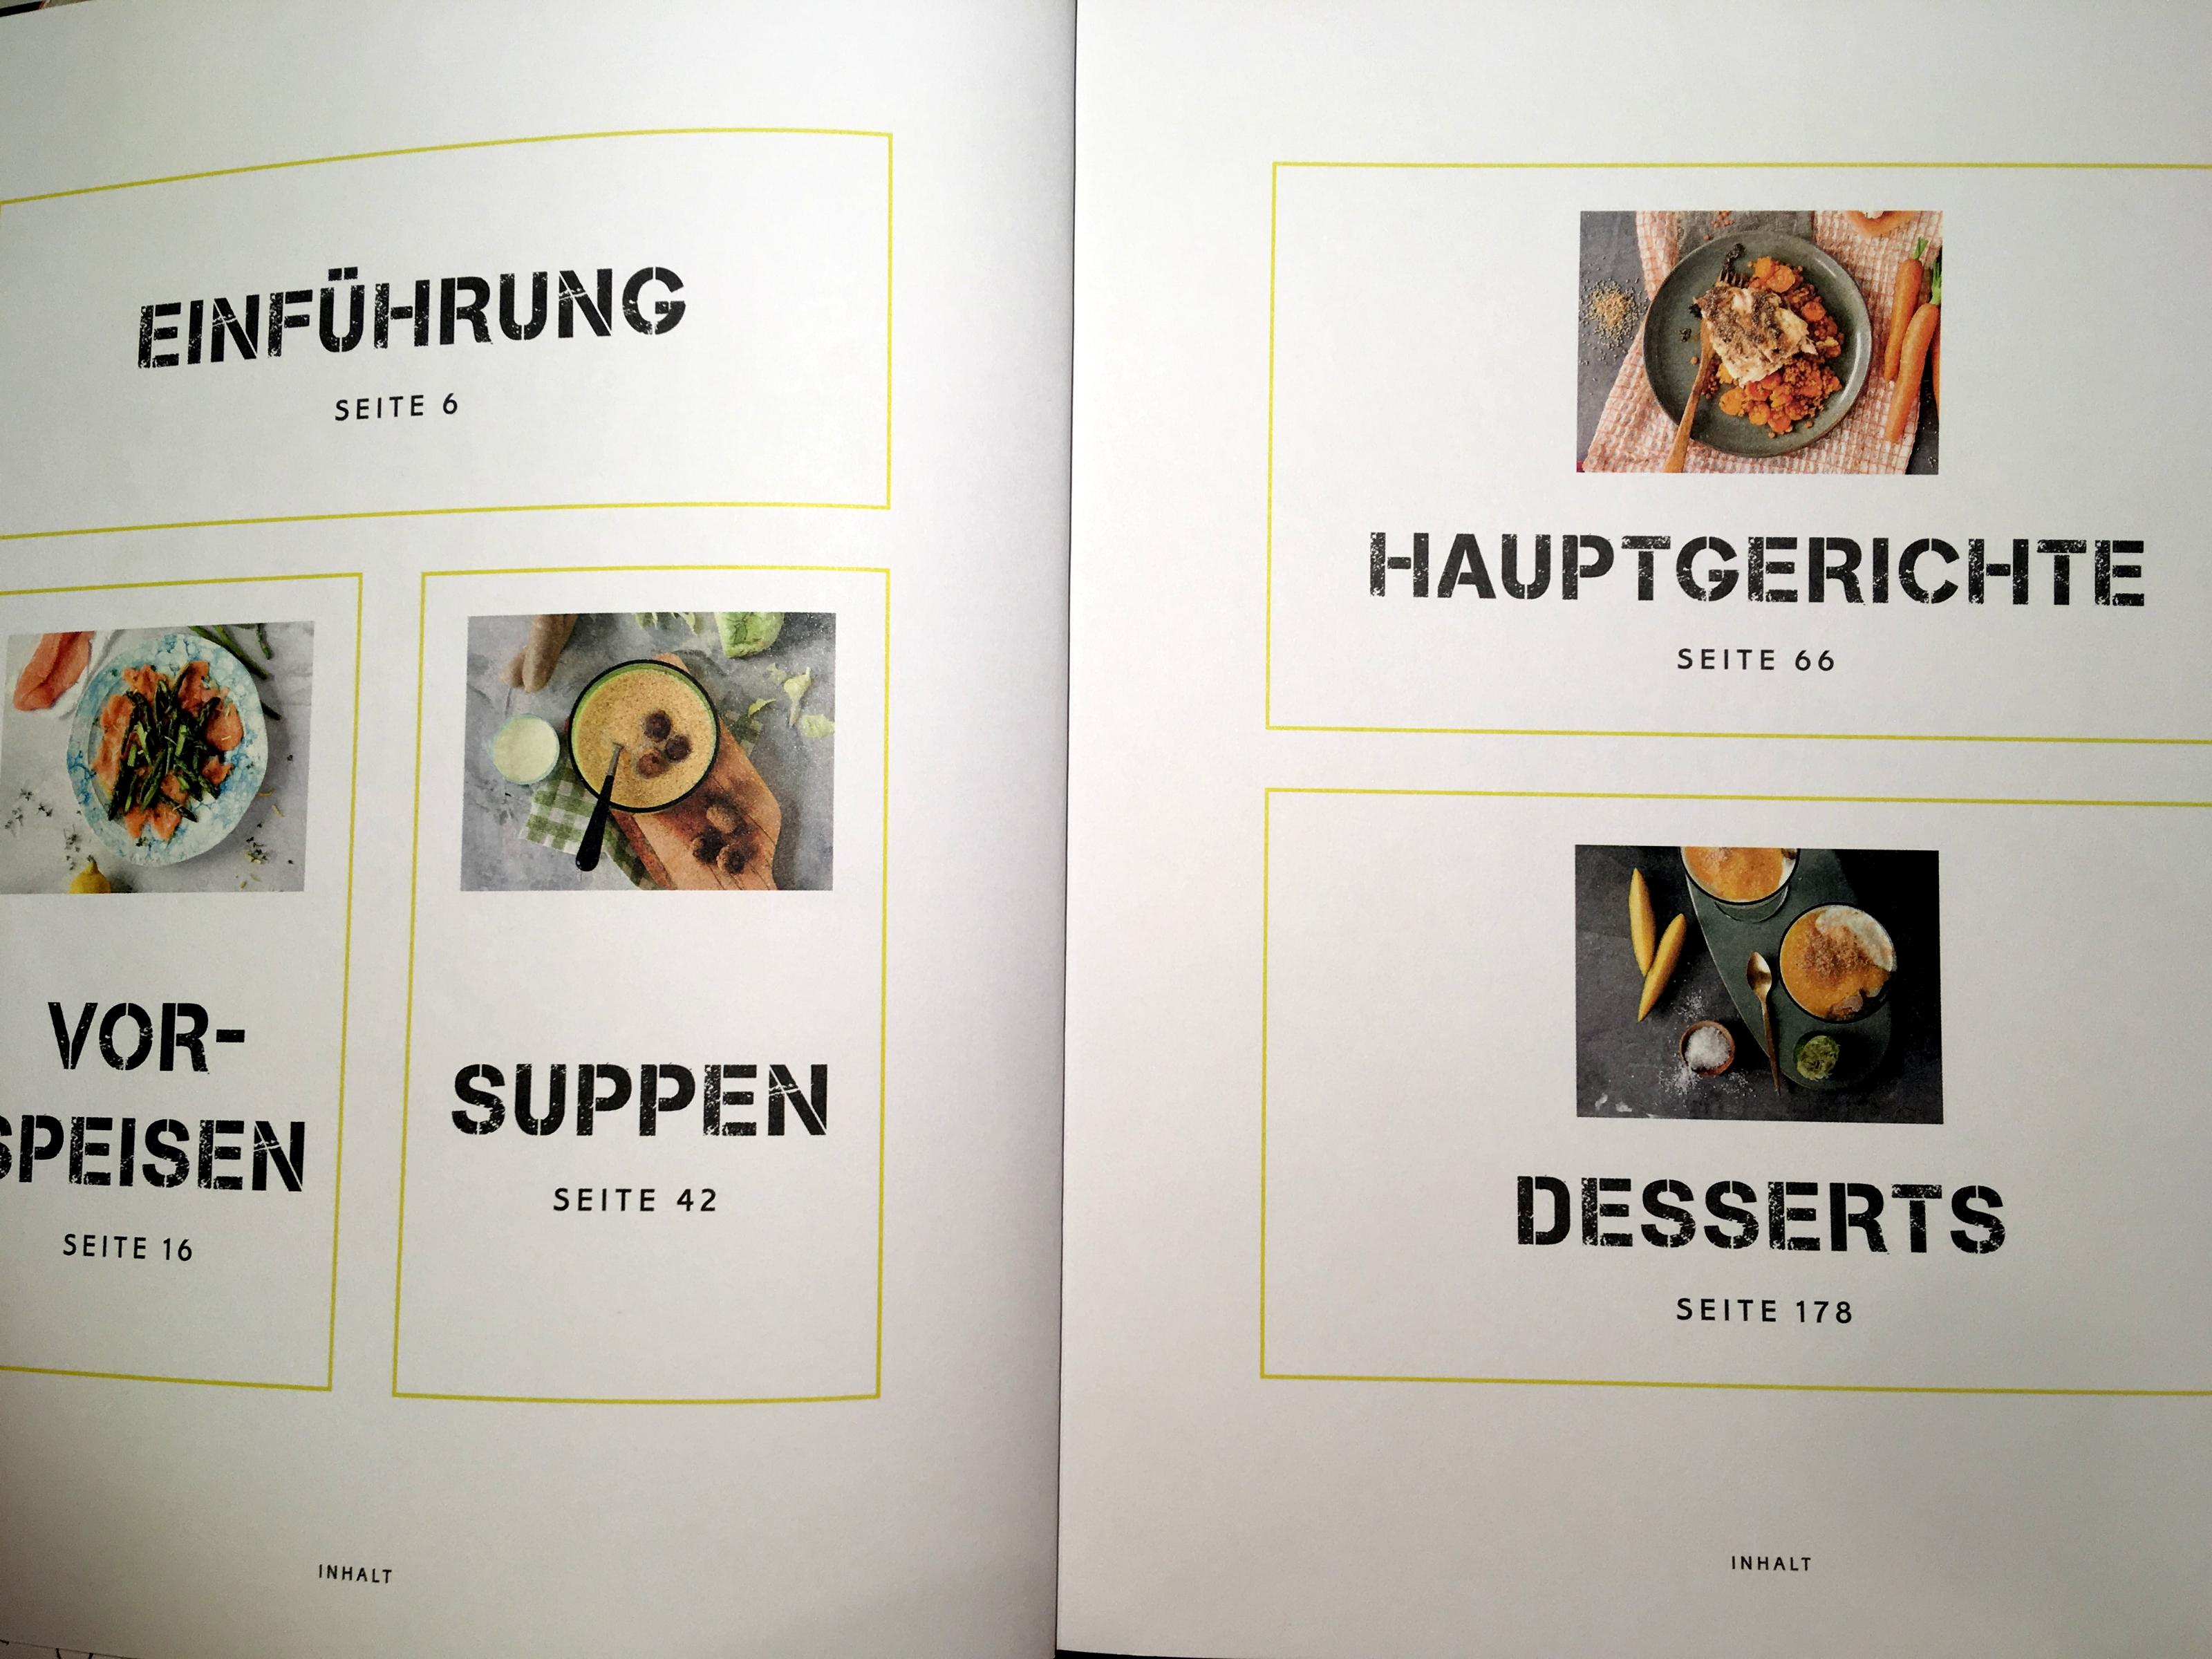 Beste Küche Verzeichnis Fotos - Kücheninsel Ideen - celavivar.com